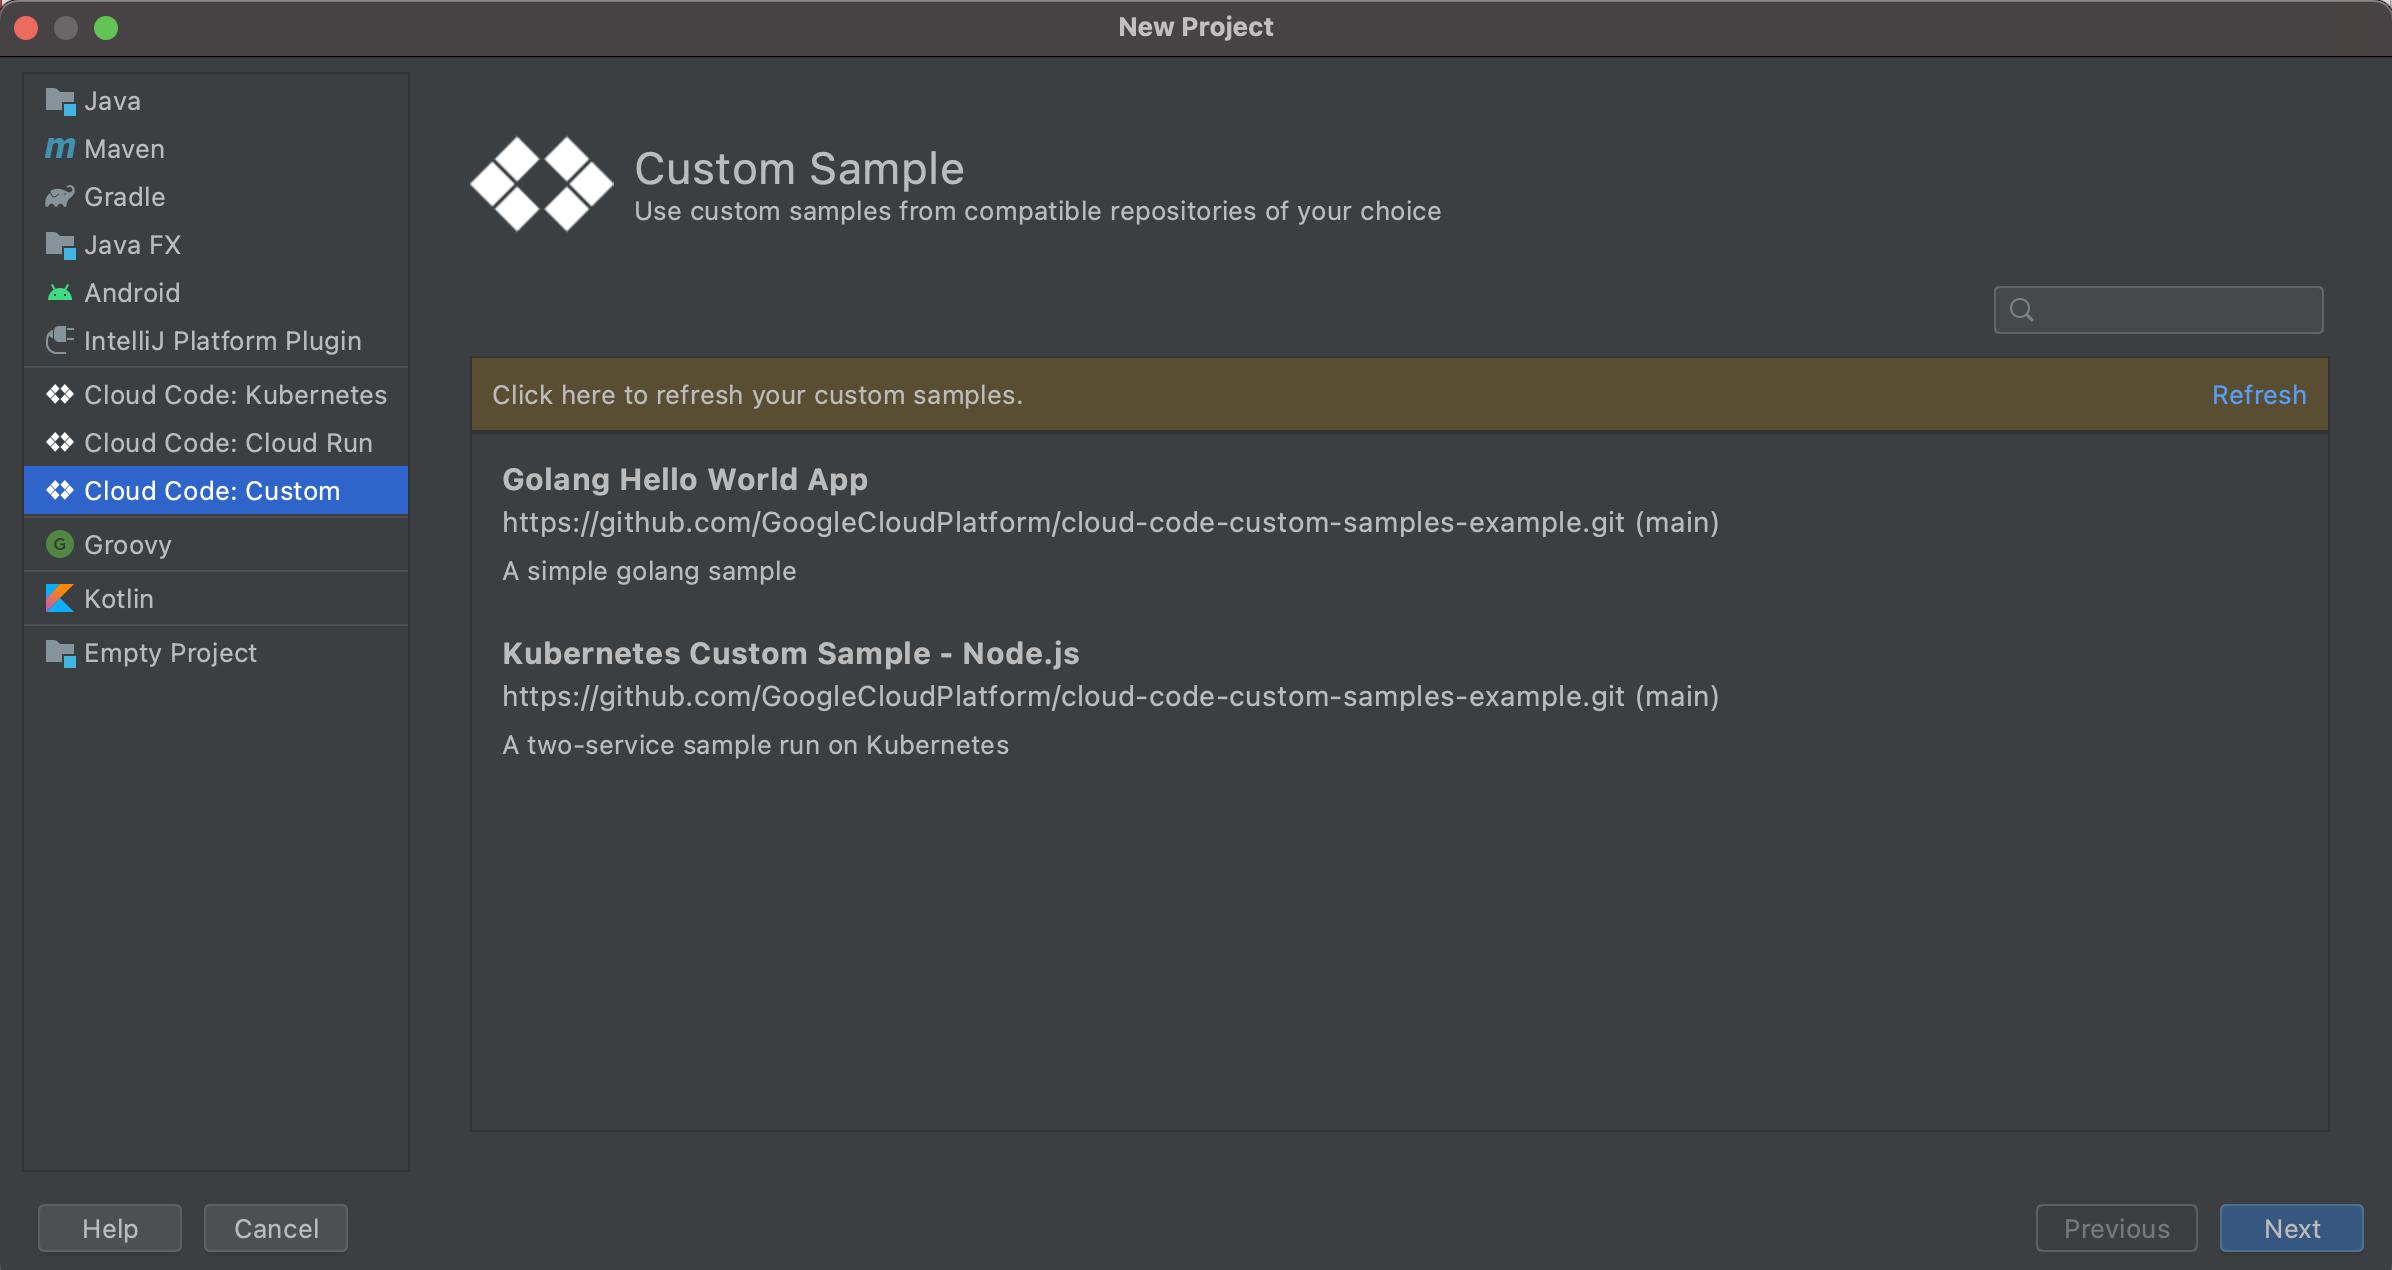 Lista de muestras personalizadas disponibles cuando se crea una nueva app de CloudCode